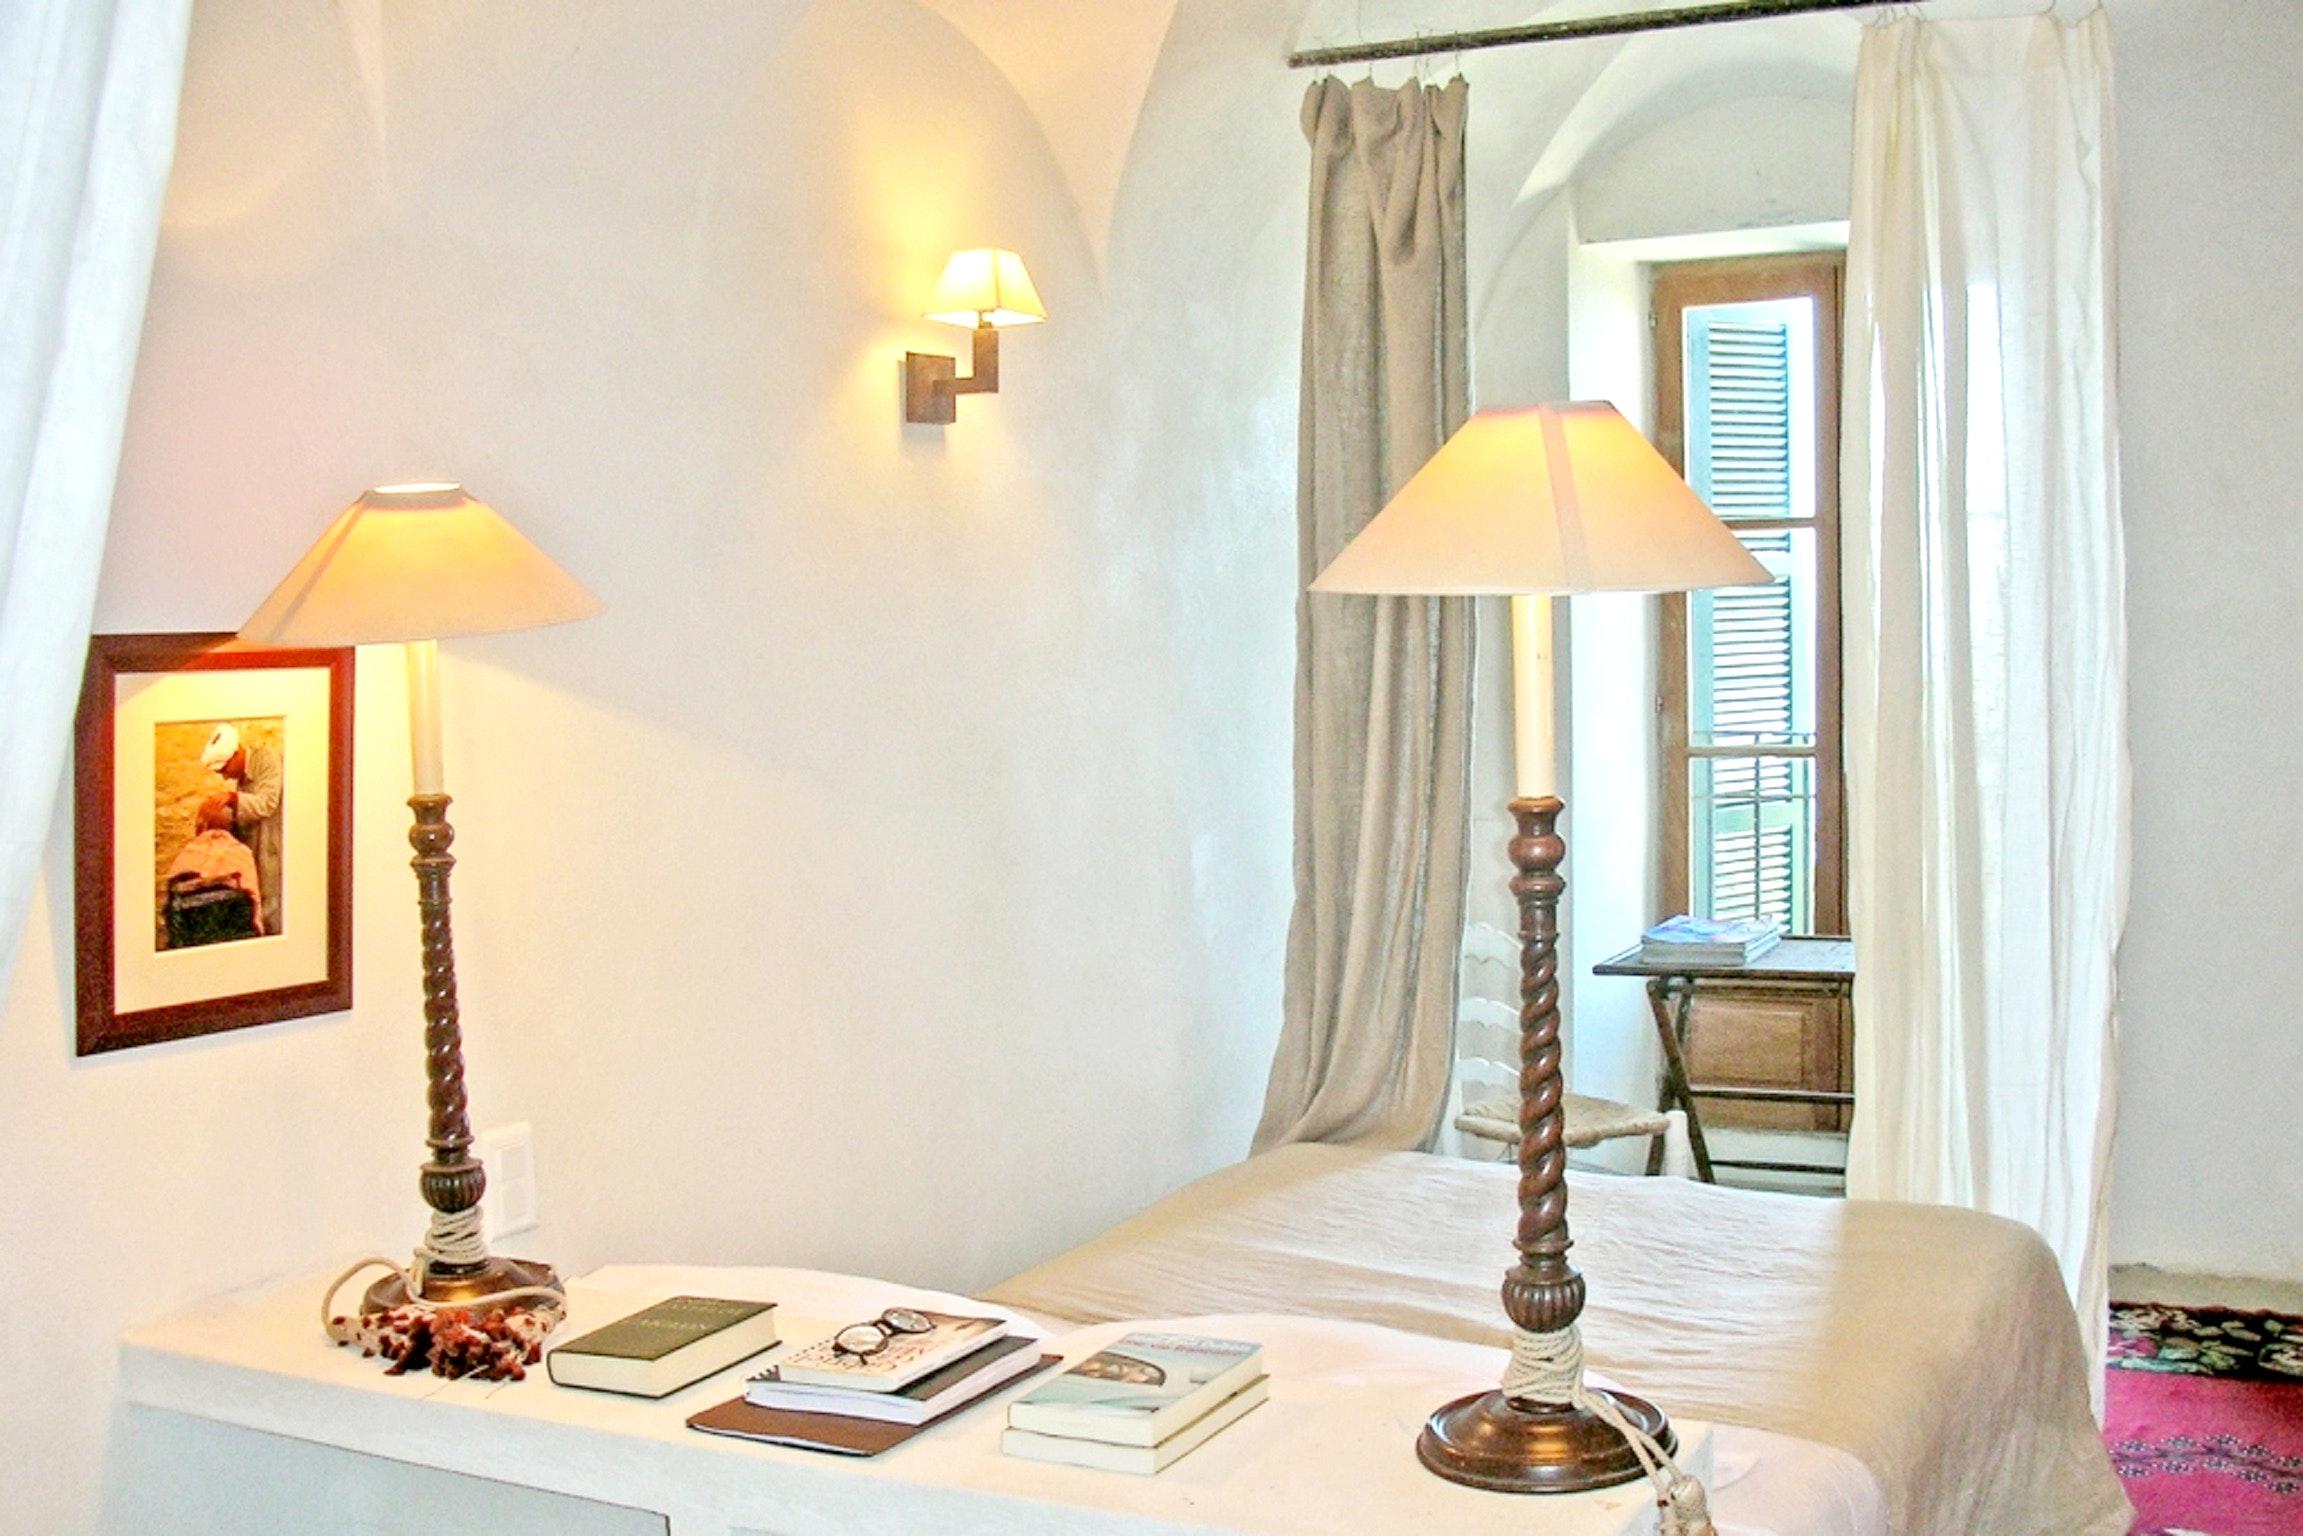 Maison de vacances Herrliches Haus mit neun Schlafzimmern und grandiosem Blick aufs Meer im hübschen Dörfchen (2202571), Centuri, Haute-Corse, Corse, France, image 19